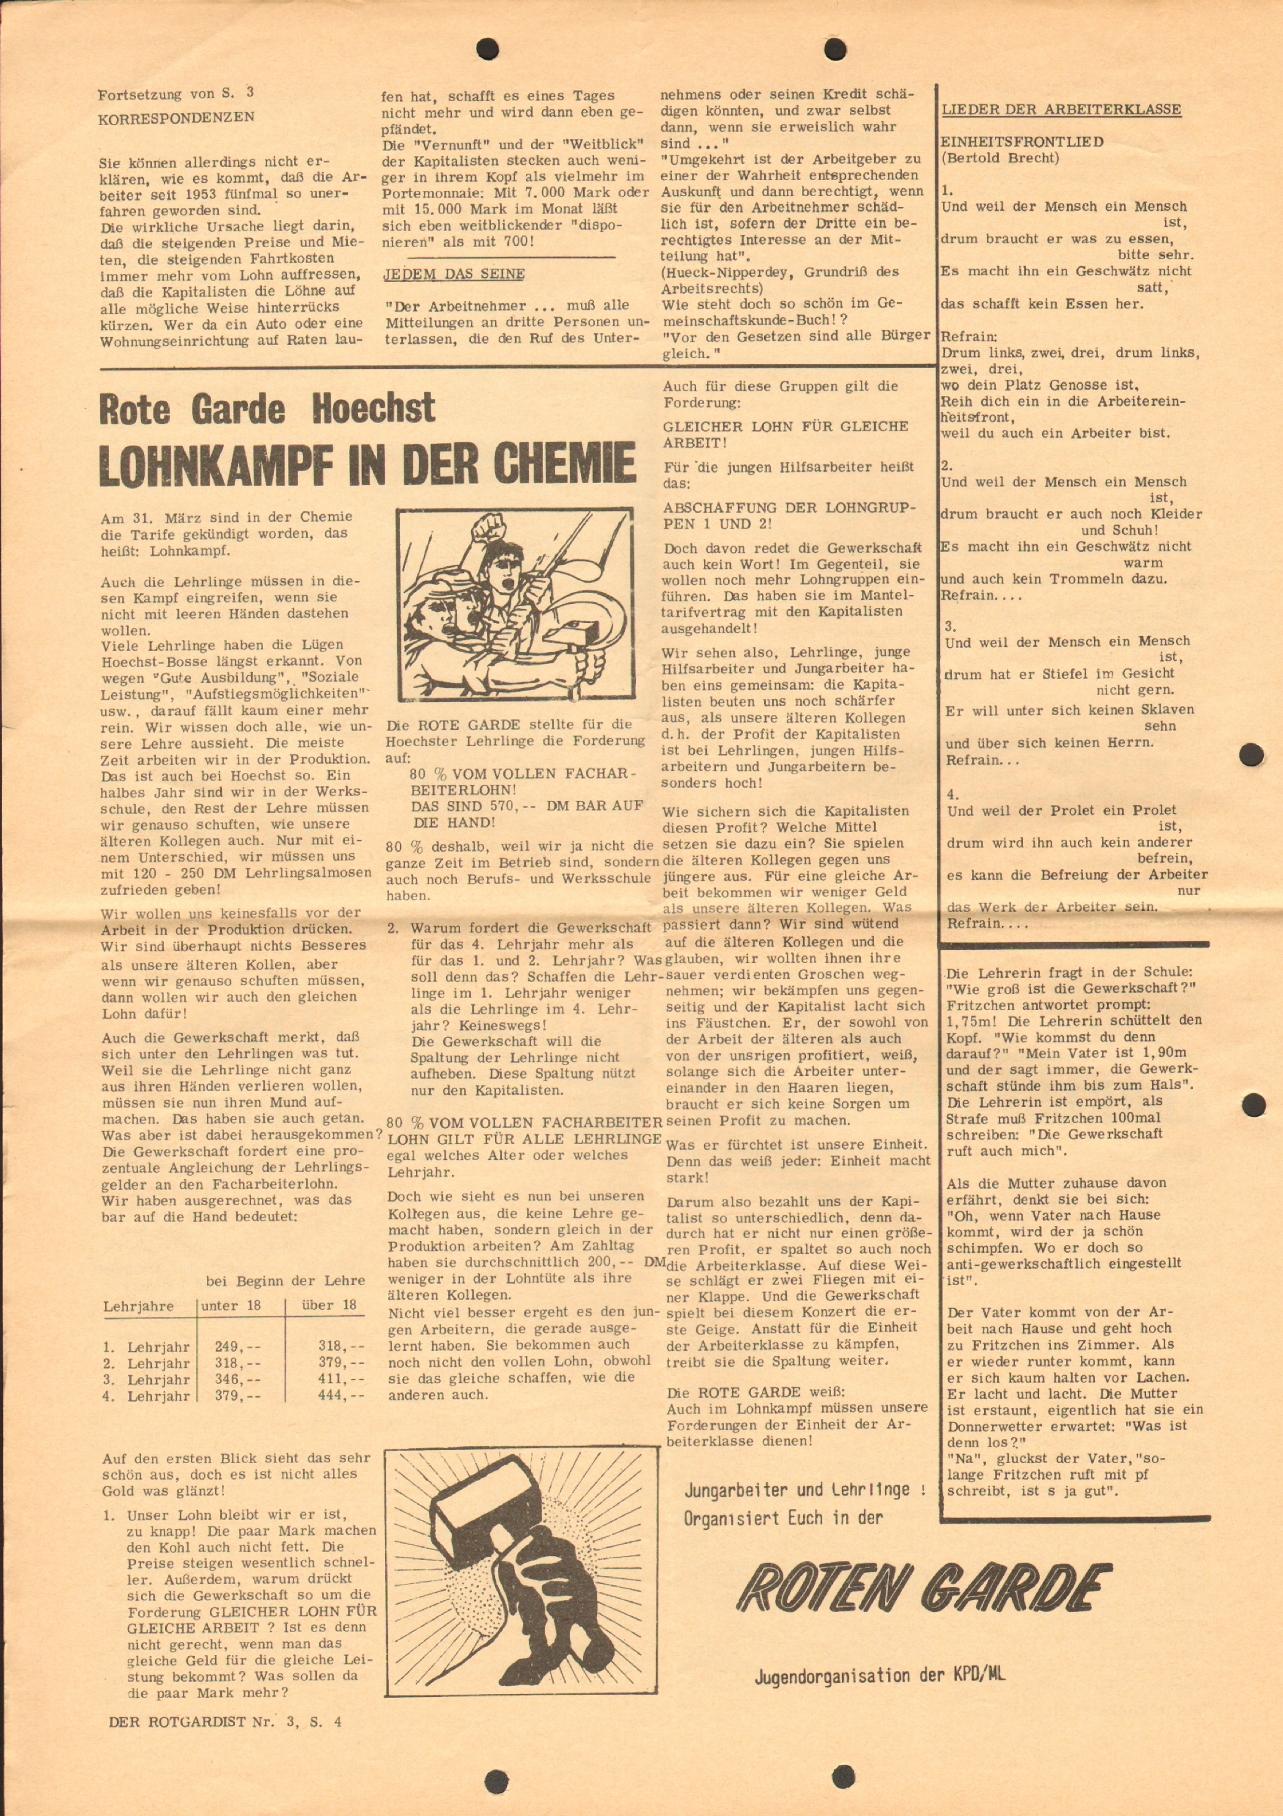 RG_Der_Rotgardist_1971_03_04